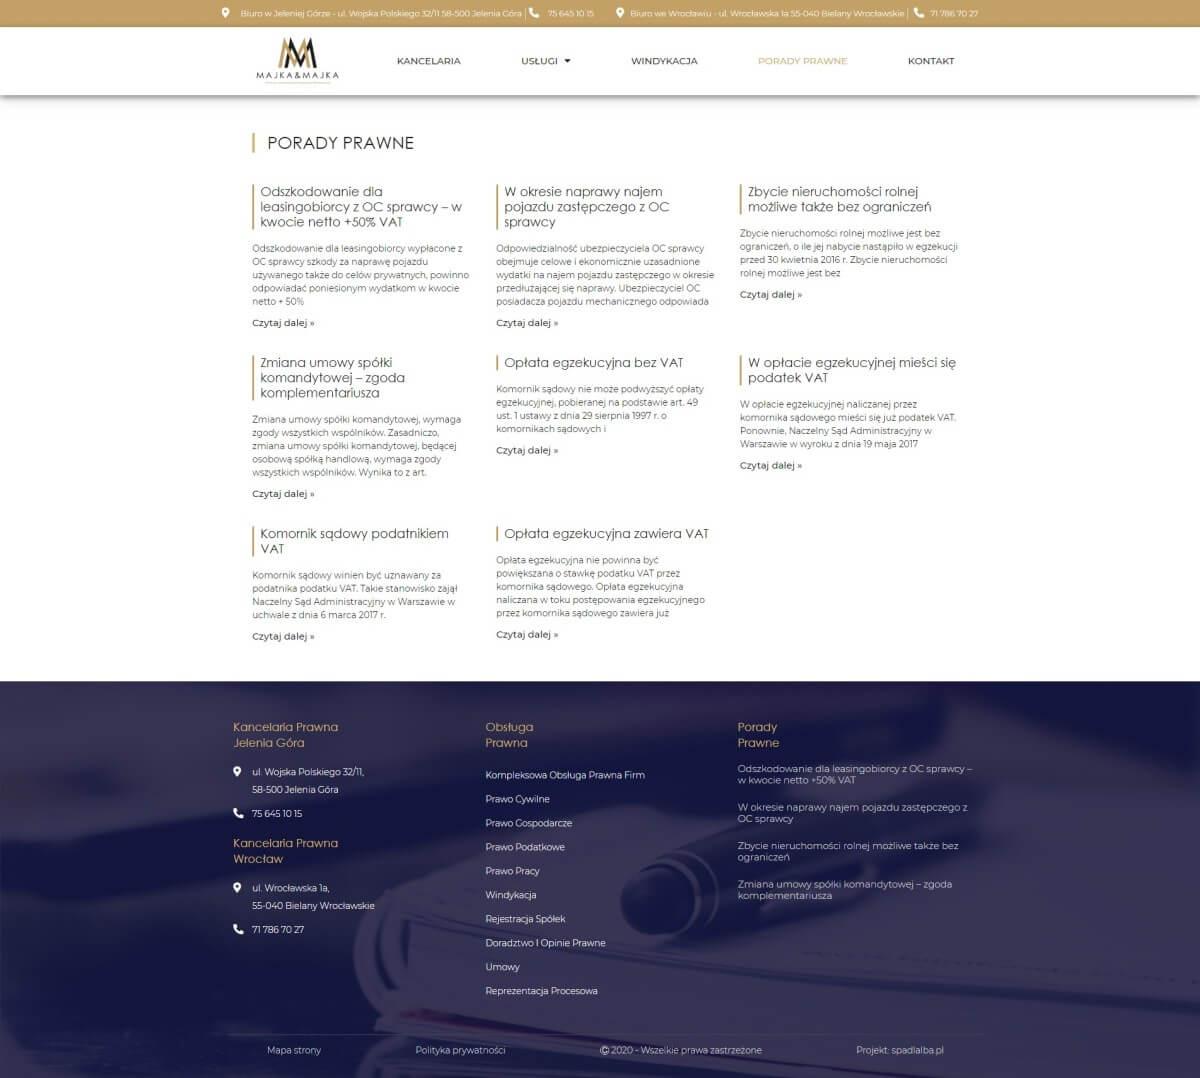 porady prawne na stronie www